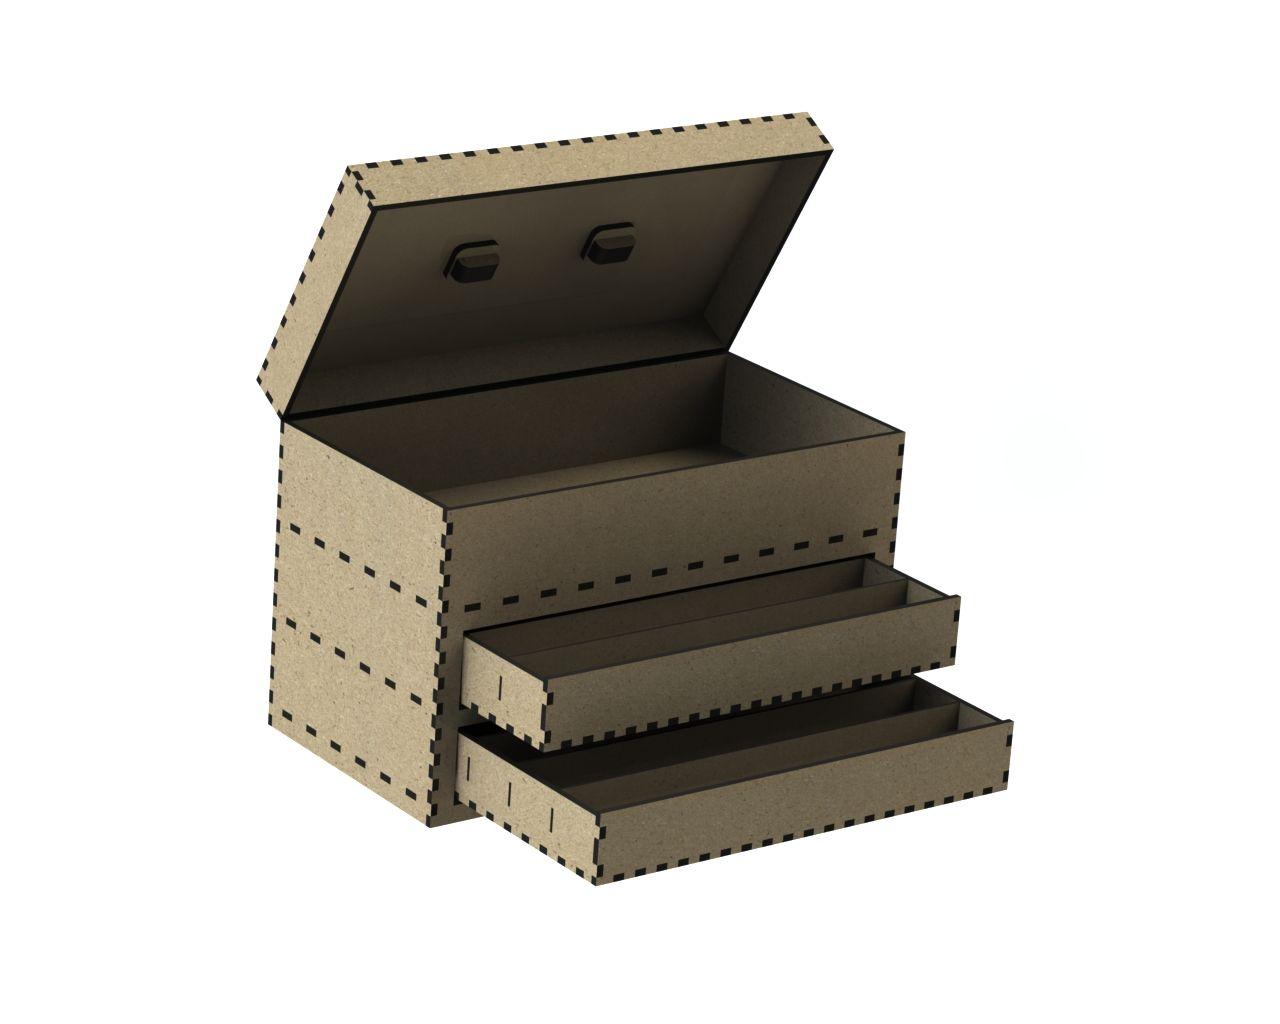 Cnc Laser Cut Tool Drawer Box Free DXF File